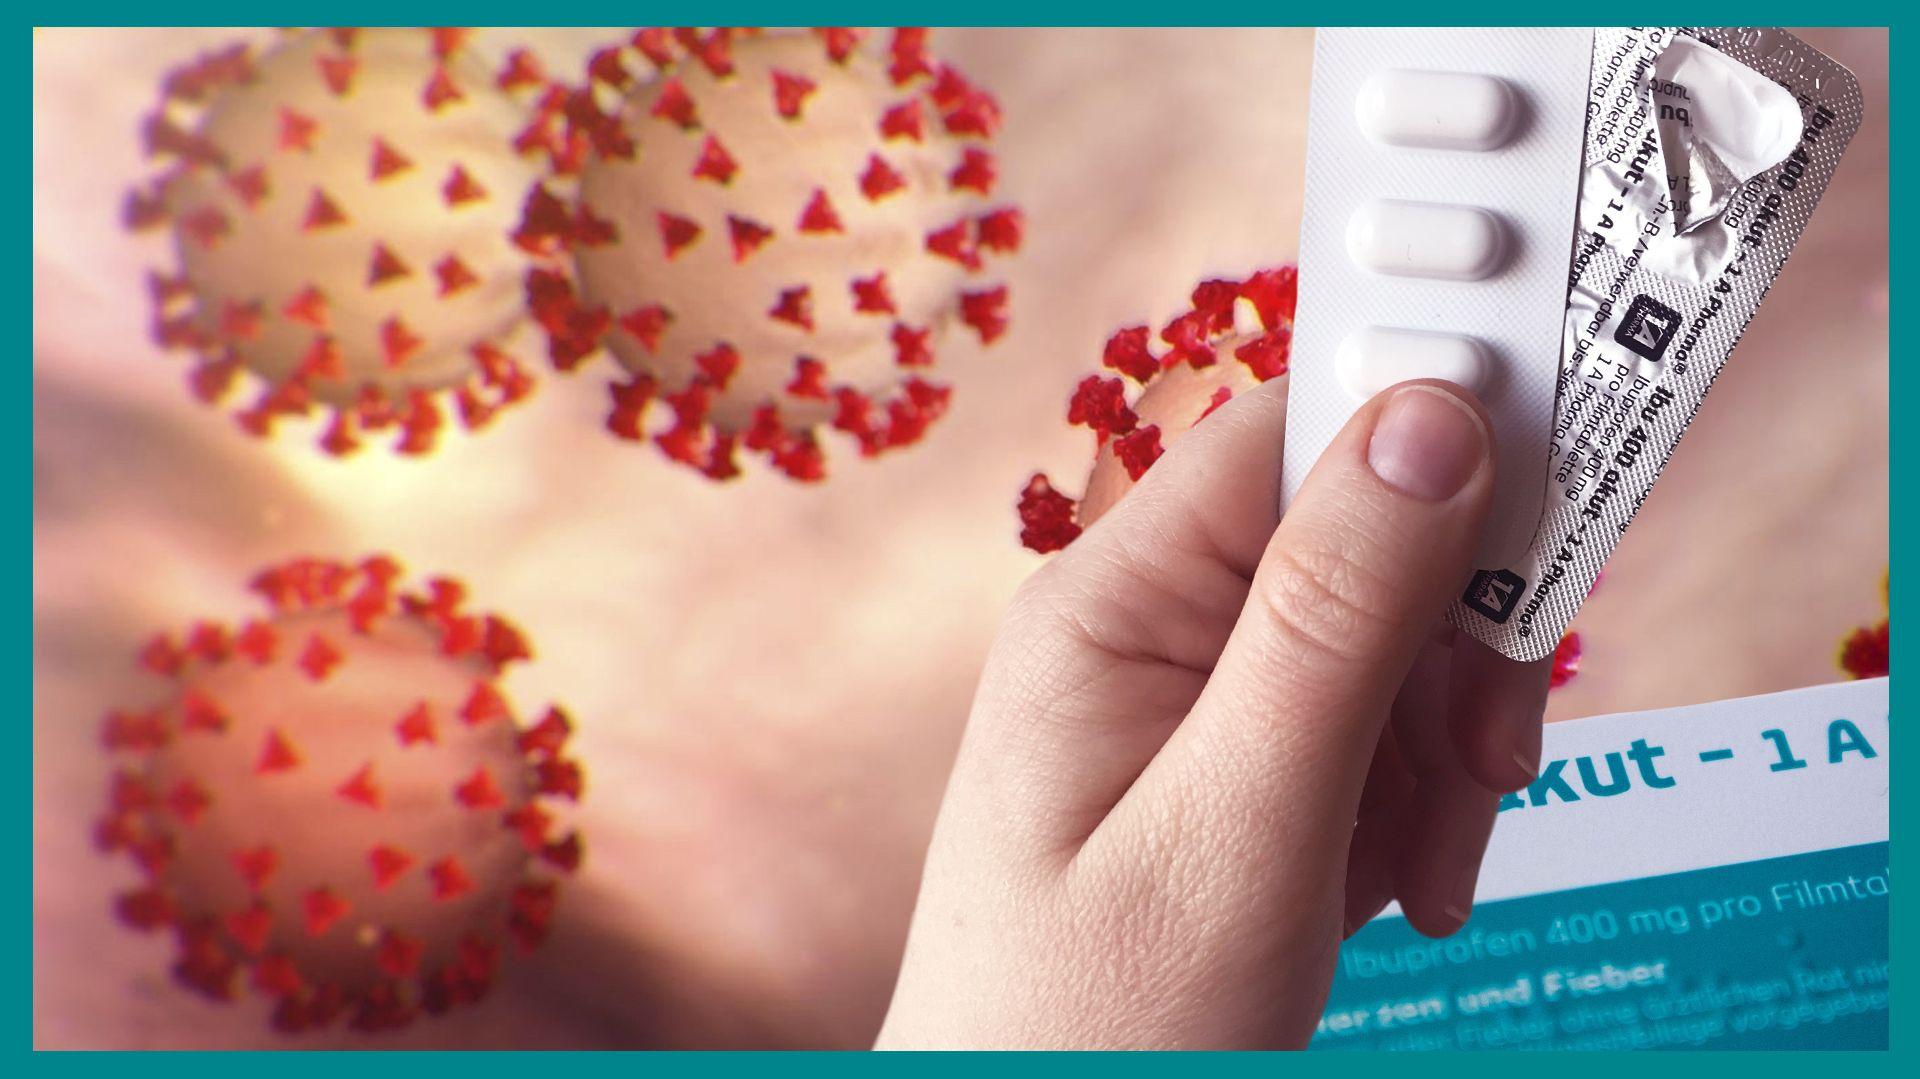 Eine Hand hält ein Blister Ibuprofen. Im Hintergrund befinden sich grafische Darstellungen von Coronaviren.